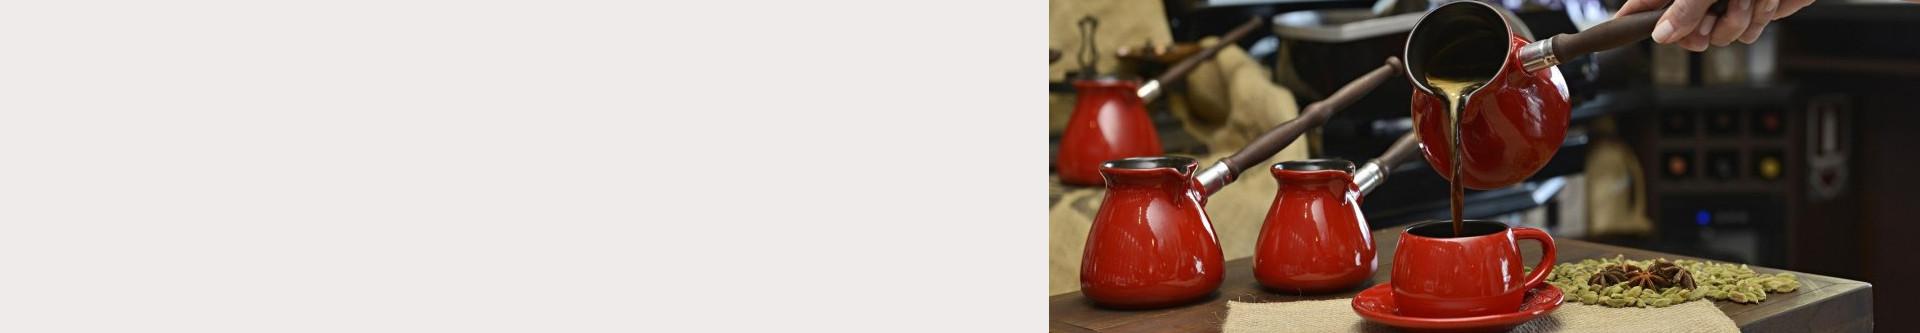 Турки керамические Ceraflame - купить в интернет-магазине. Доставка, самовывоз. ❤